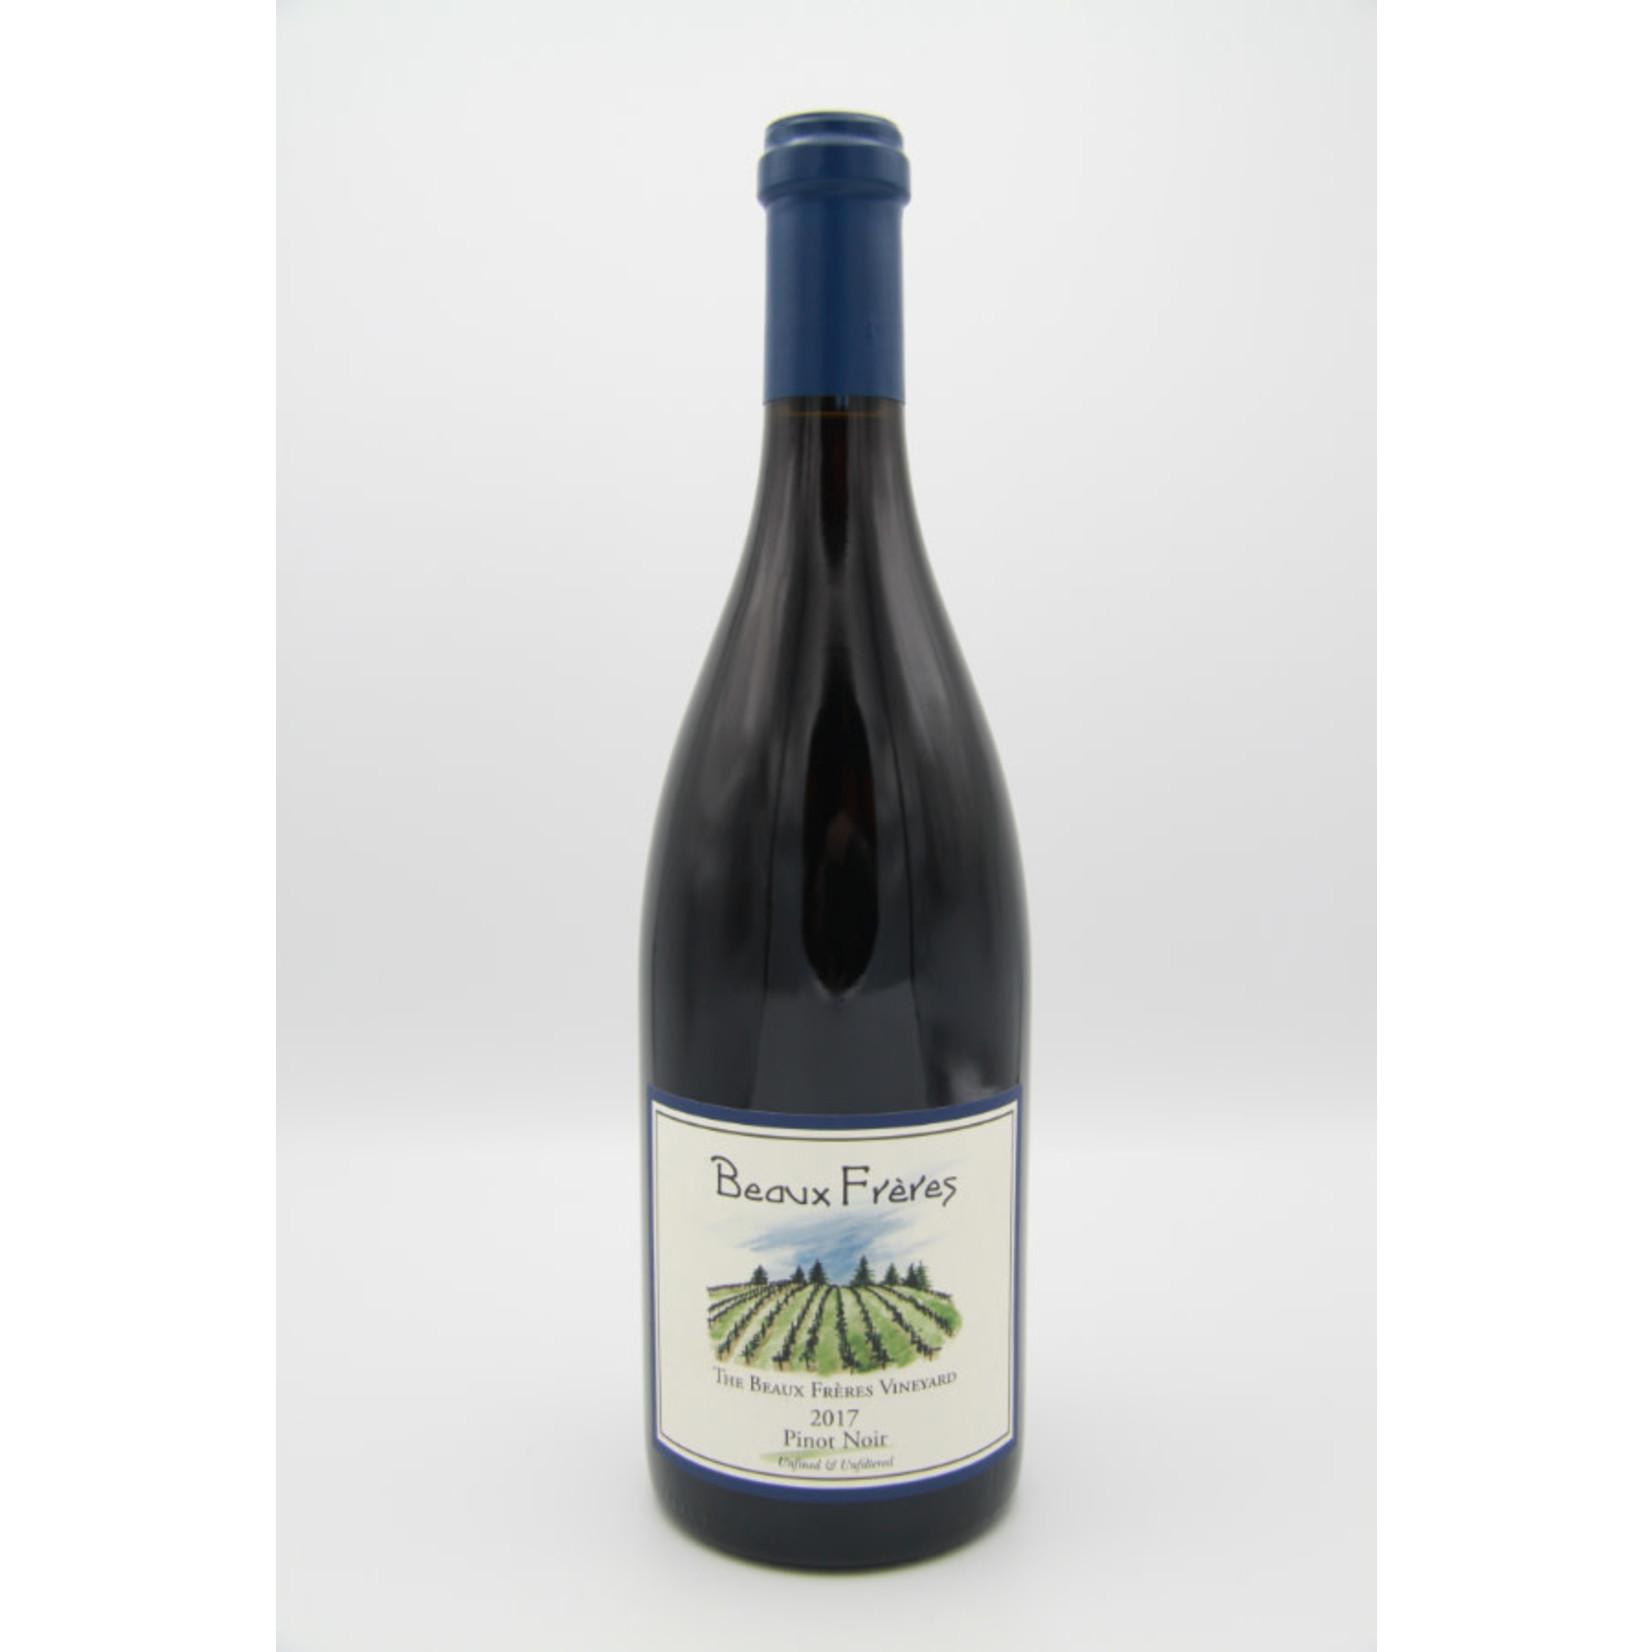 2017 Beaux Frères 'The Beaux Frères Vineyard' Pinot Noir